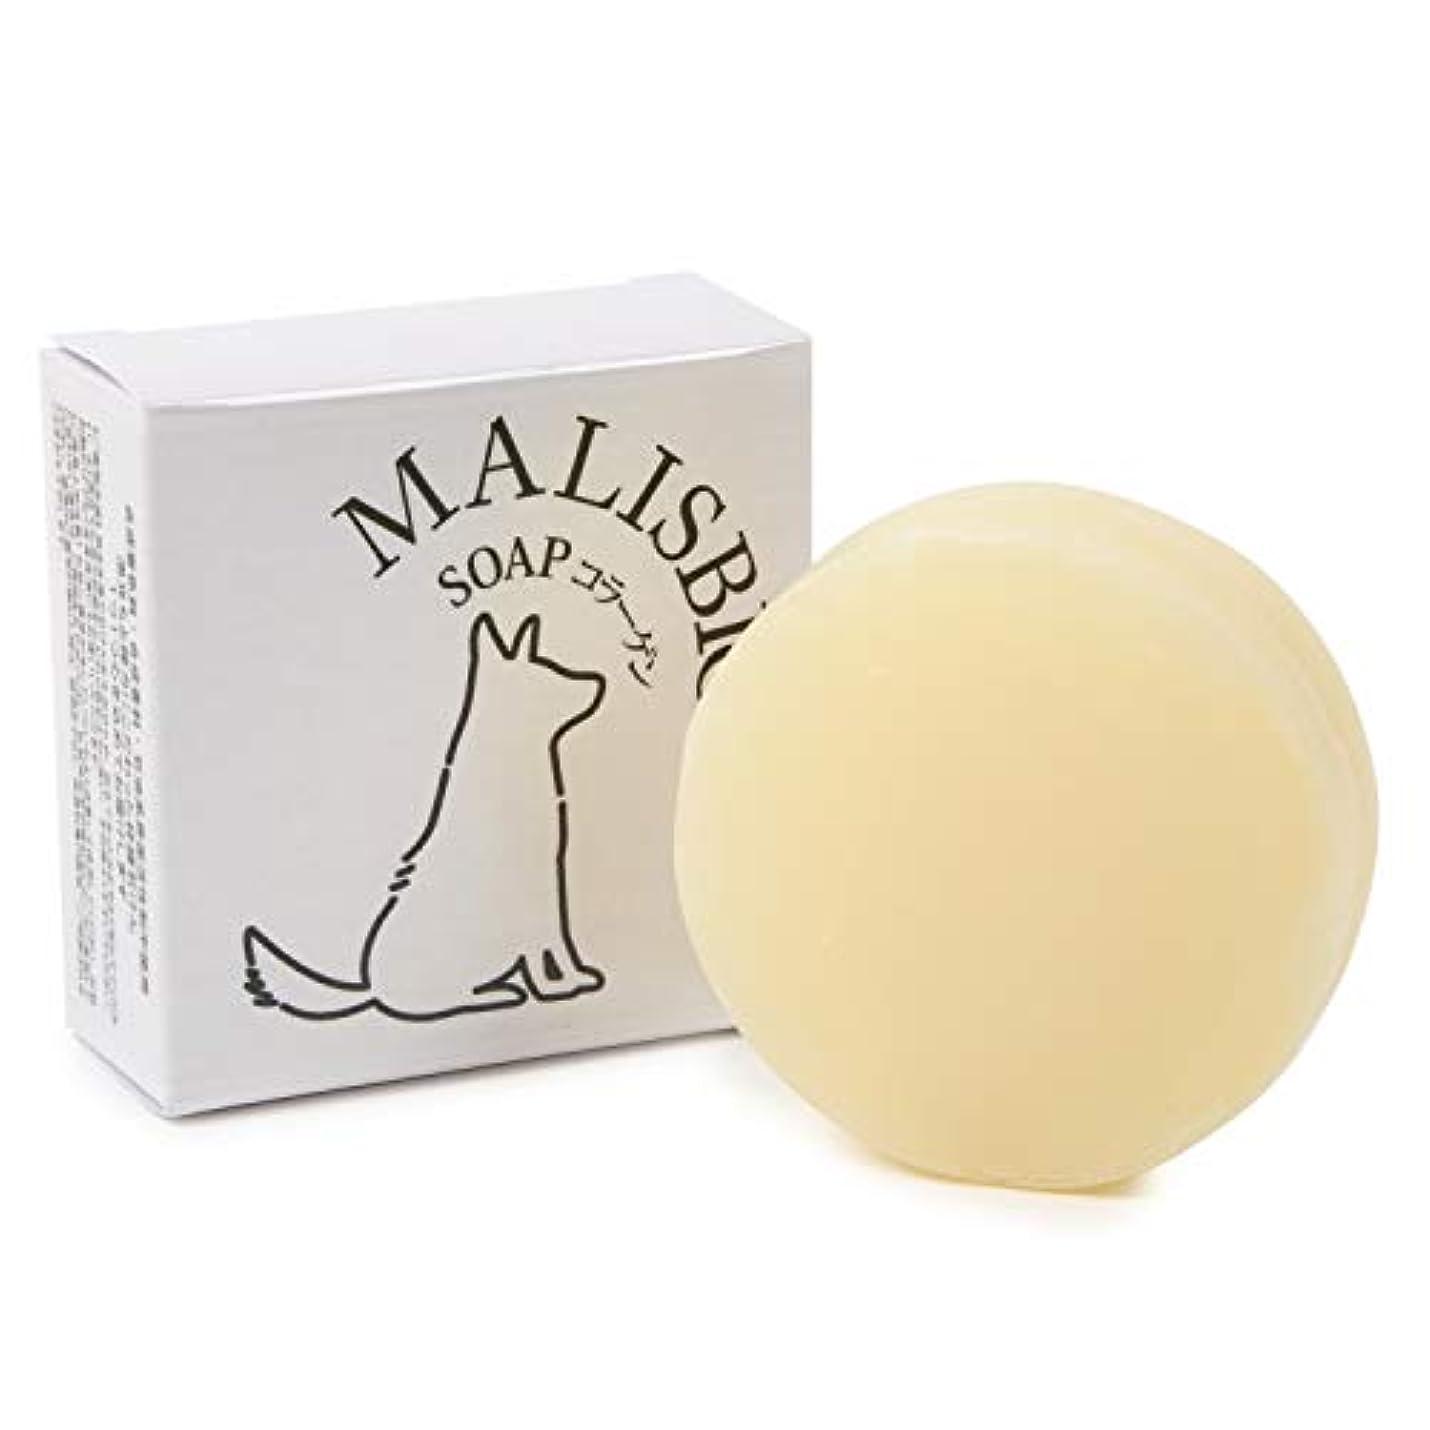 配偶者議会厳コラーゲンソープ 洗顔石鹸 固形 無添加 お肌に優しい成分のみ 敏感肌 毛穴にも 日本製 マリスビオ